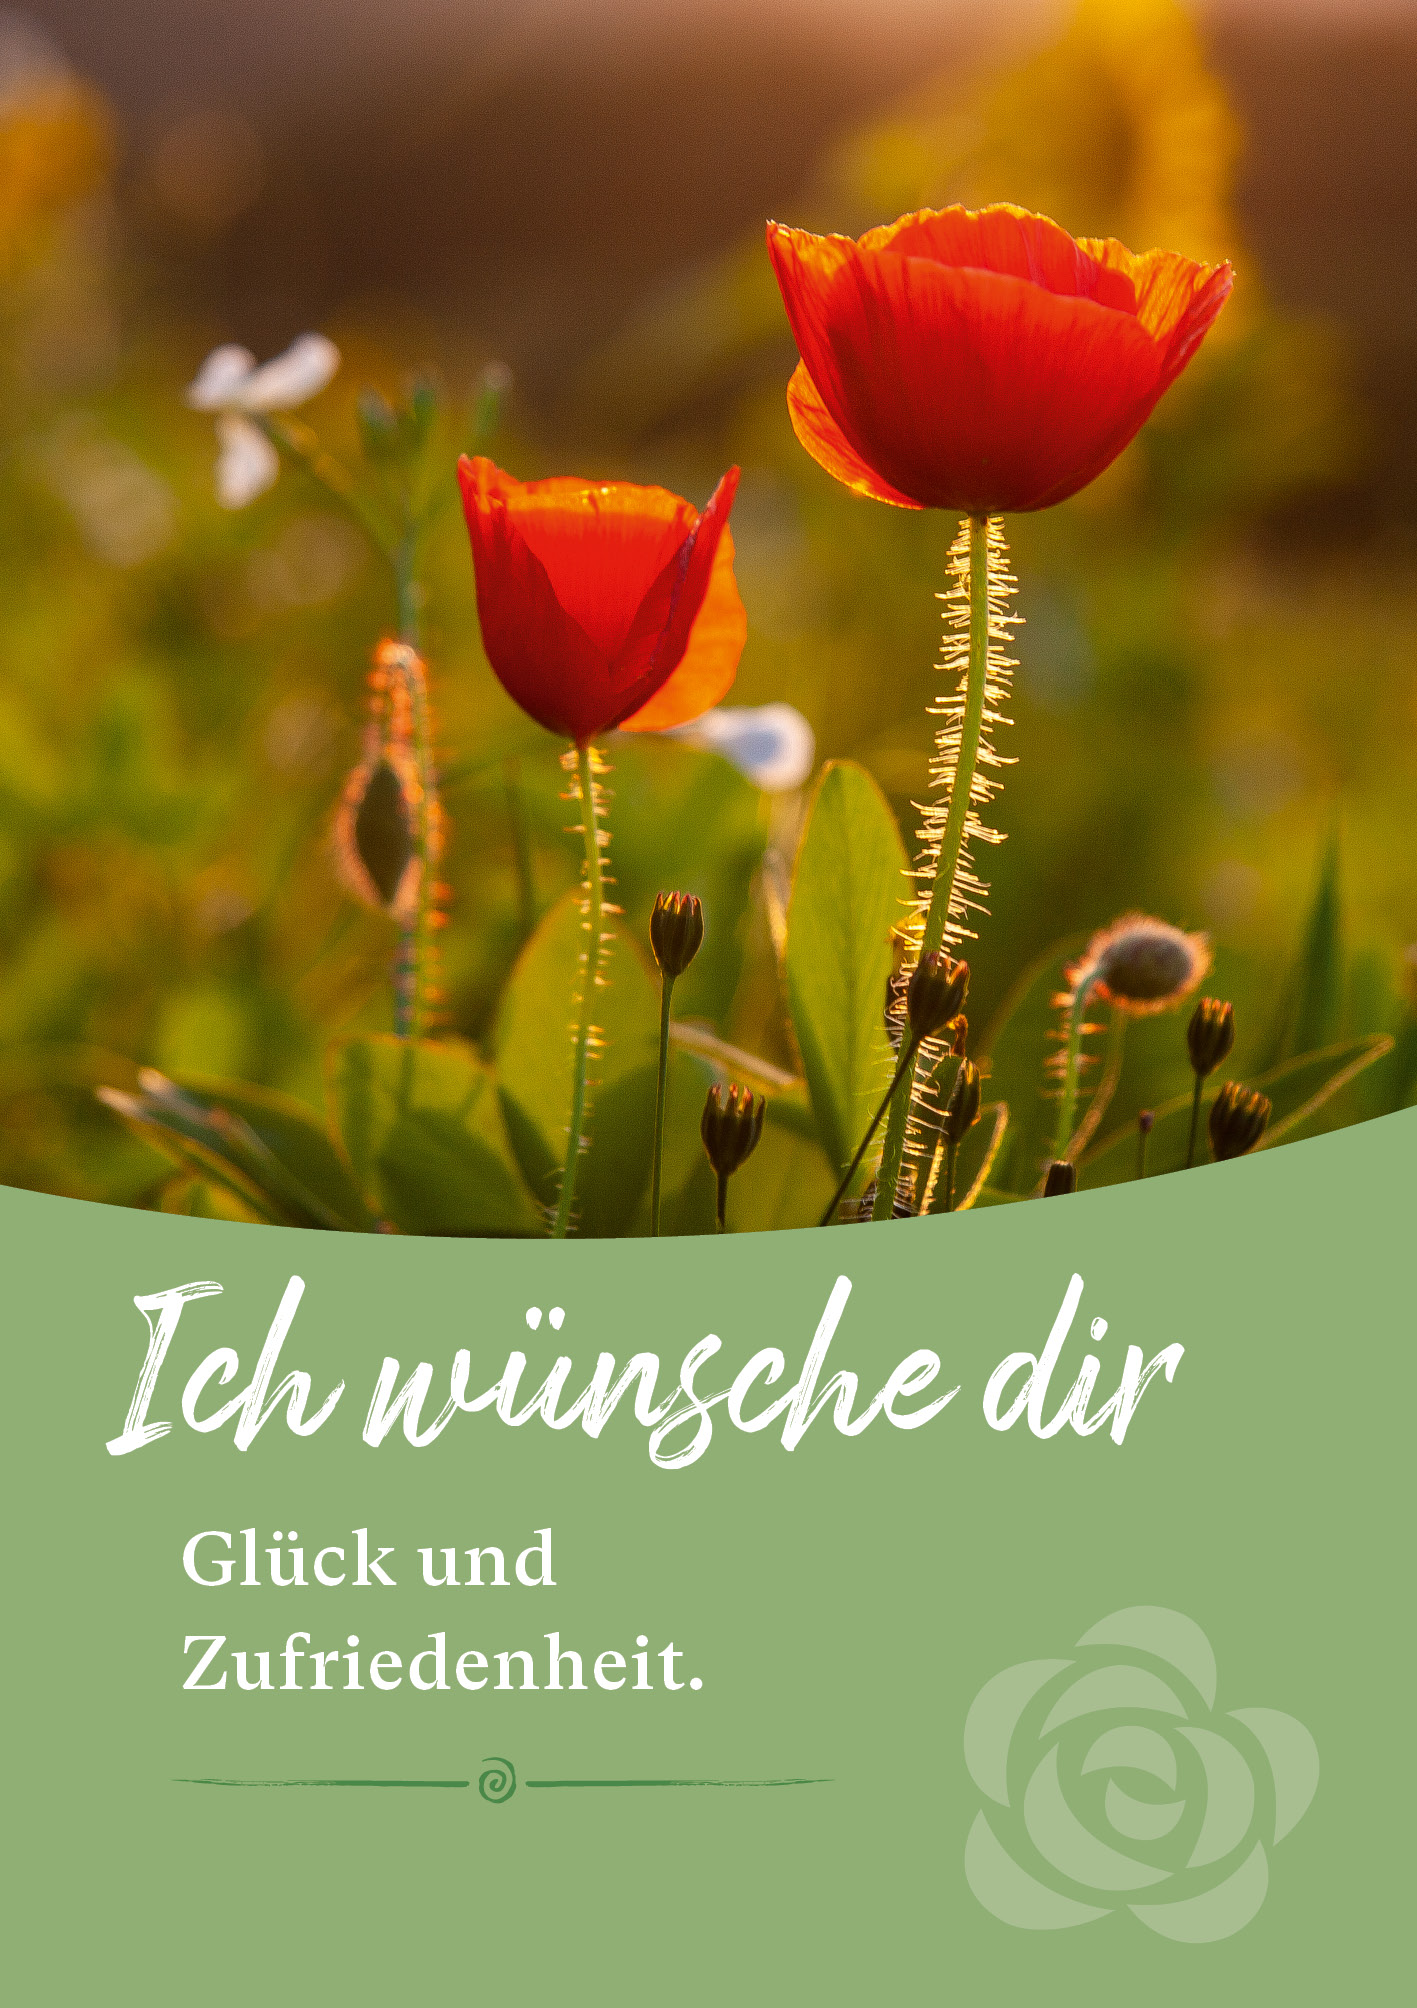 Kunst-Postkarte - Glück und Zufriedenheit